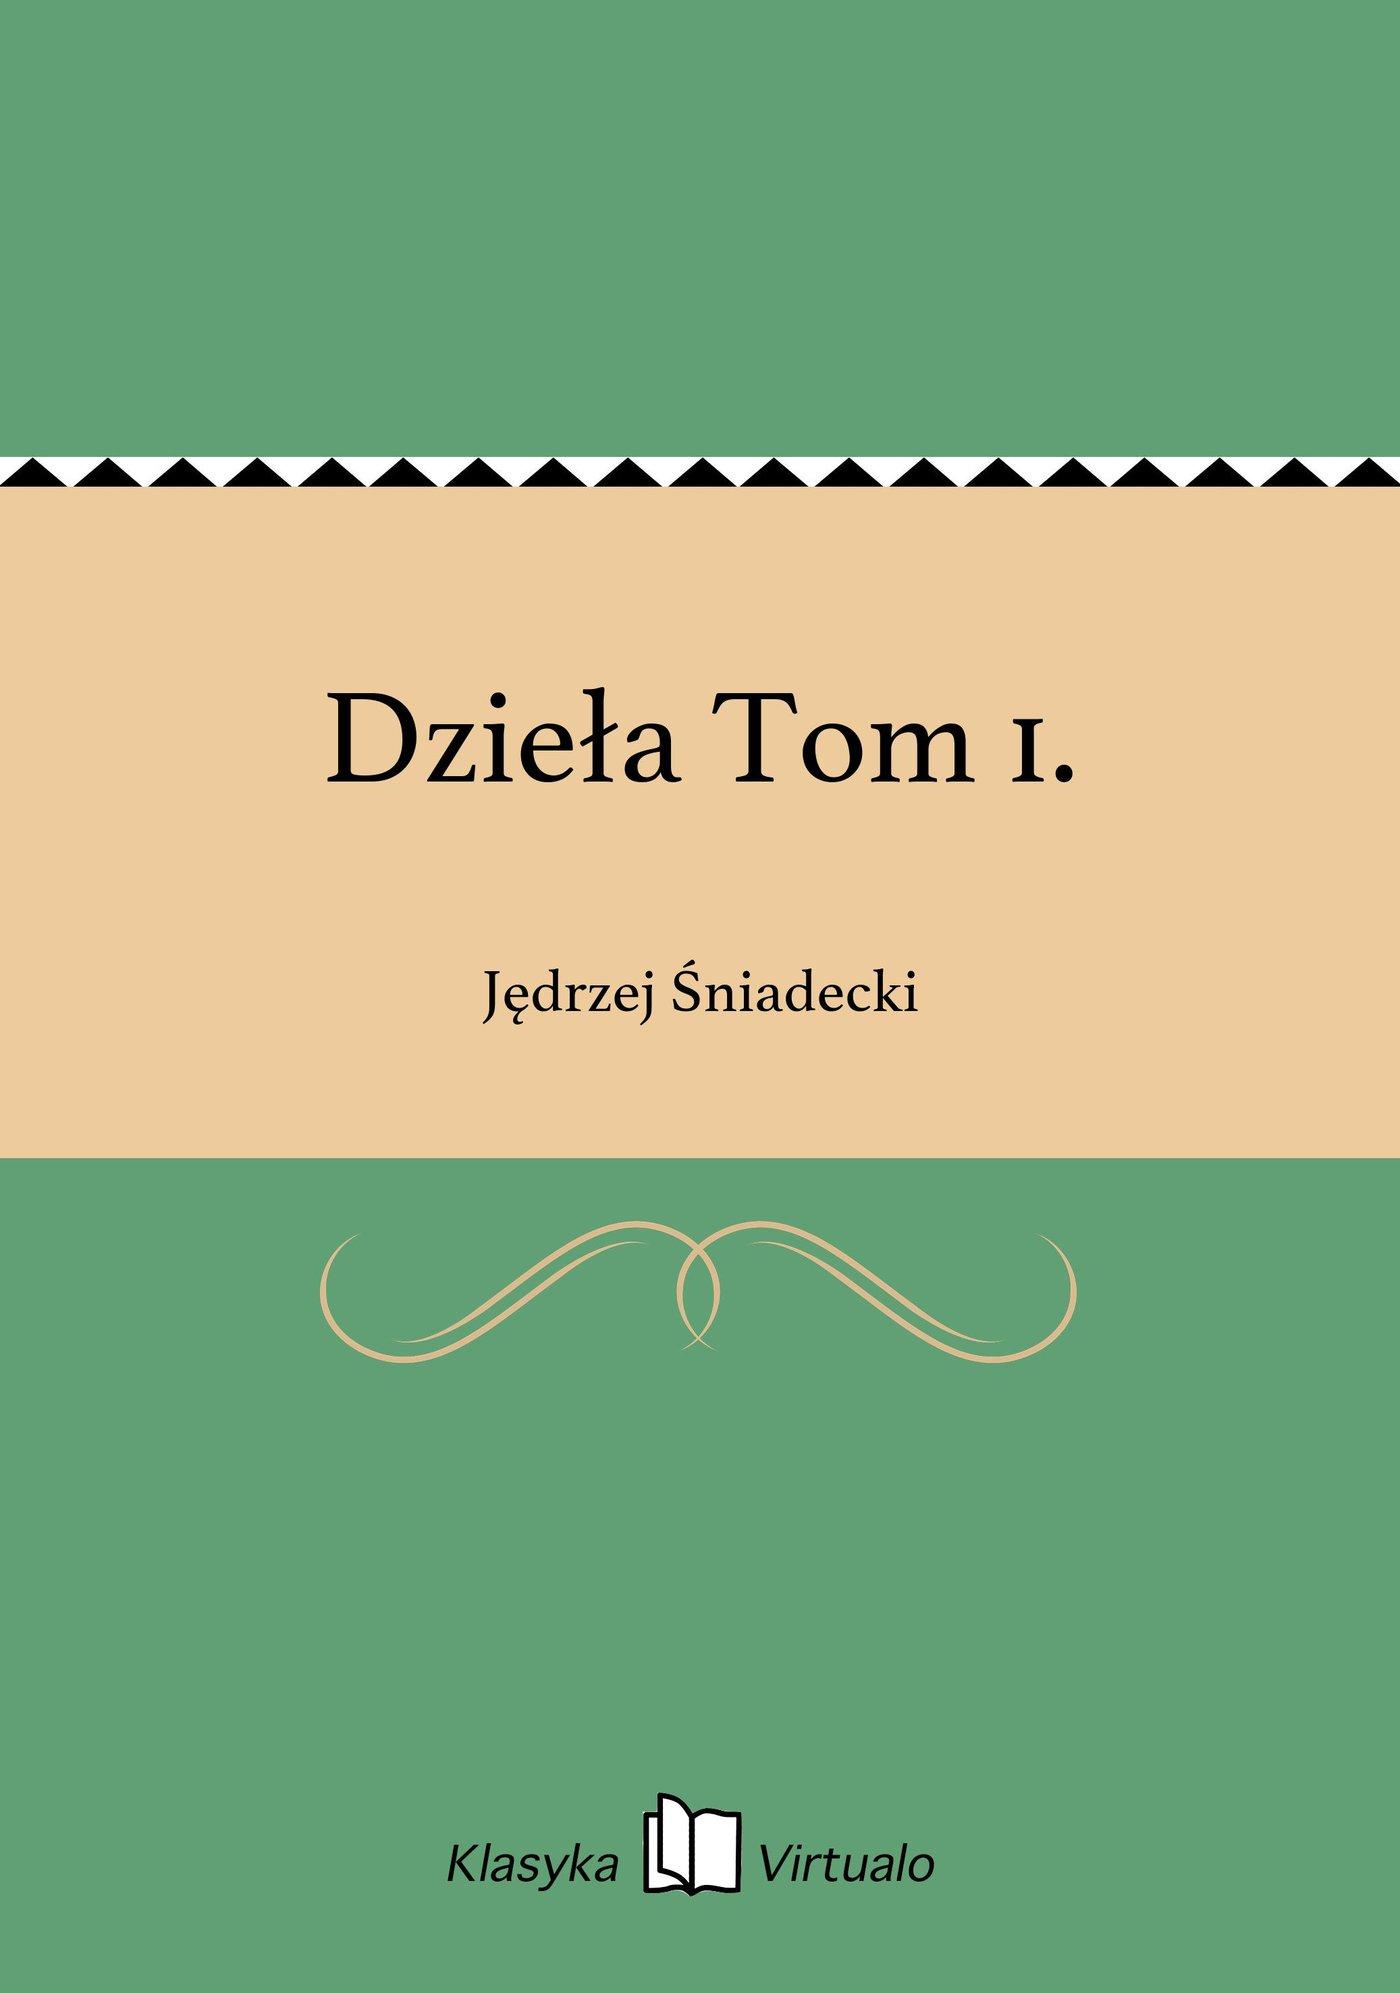 Dzieła Tom 1. - Ebook (Książka na Kindle) do pobrania w formacie MOBI